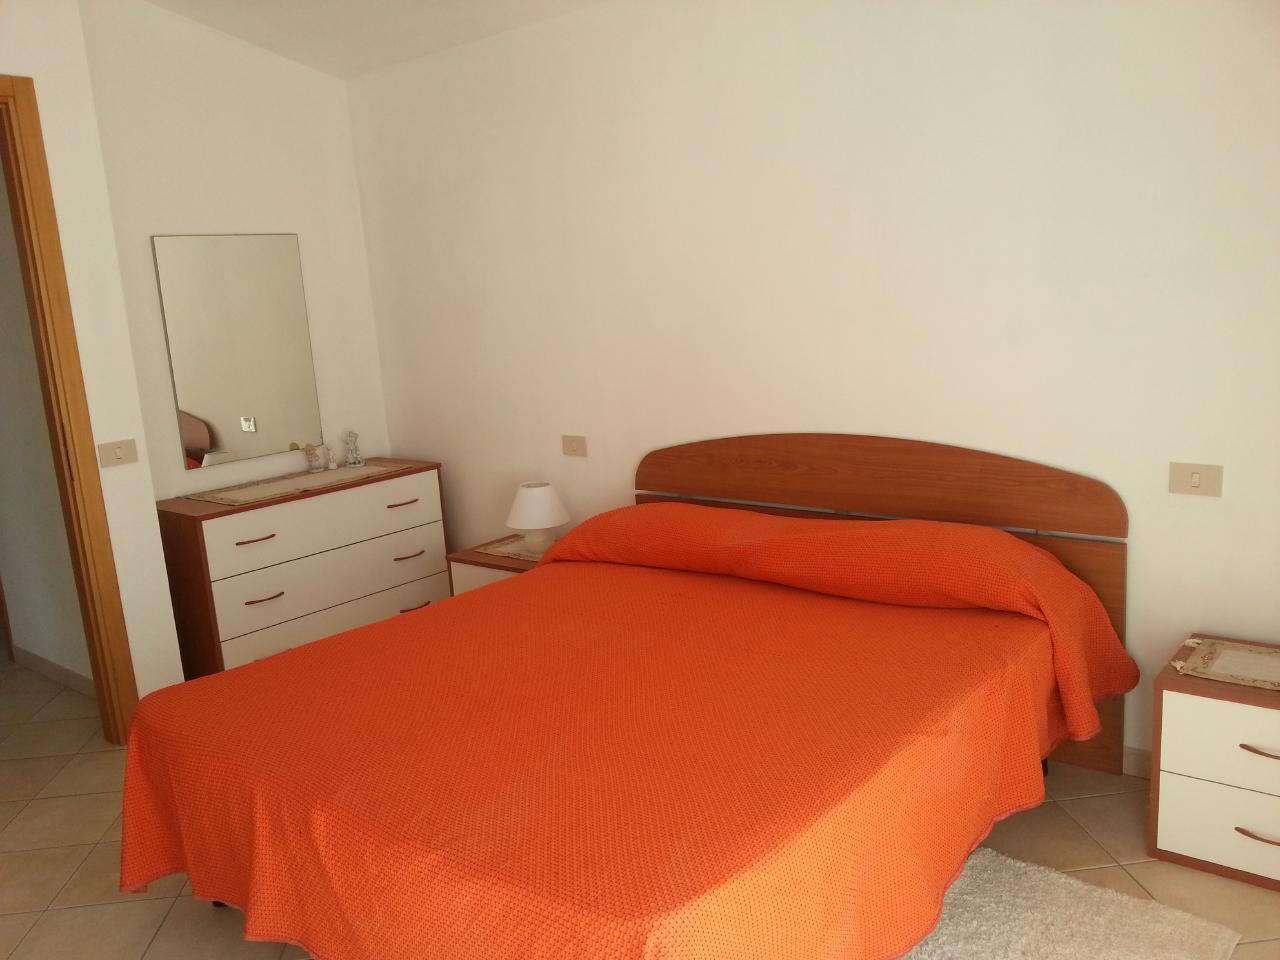 Maison de vacances Relax (1626921), Trappeto, Palermo, Sicile, Italie, image 4